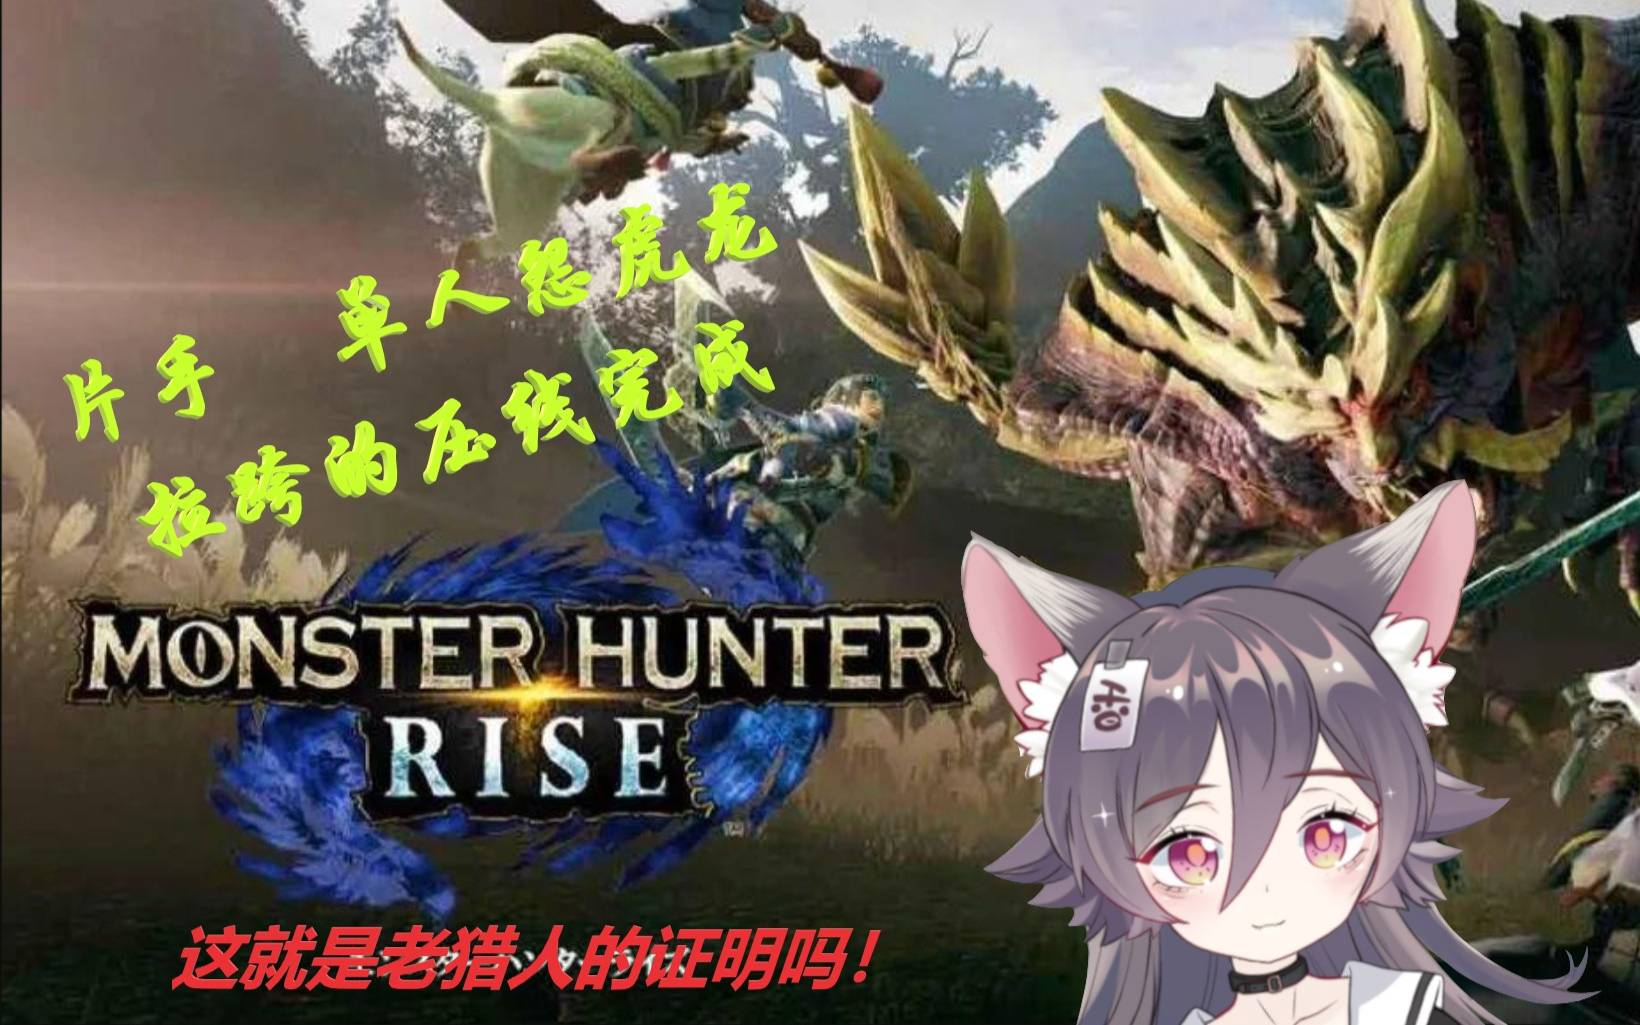 【怪物猎人Rise】这就是老猎人的证明吗,片手剑单人怨虎龙完成!香香的录播片段=v=